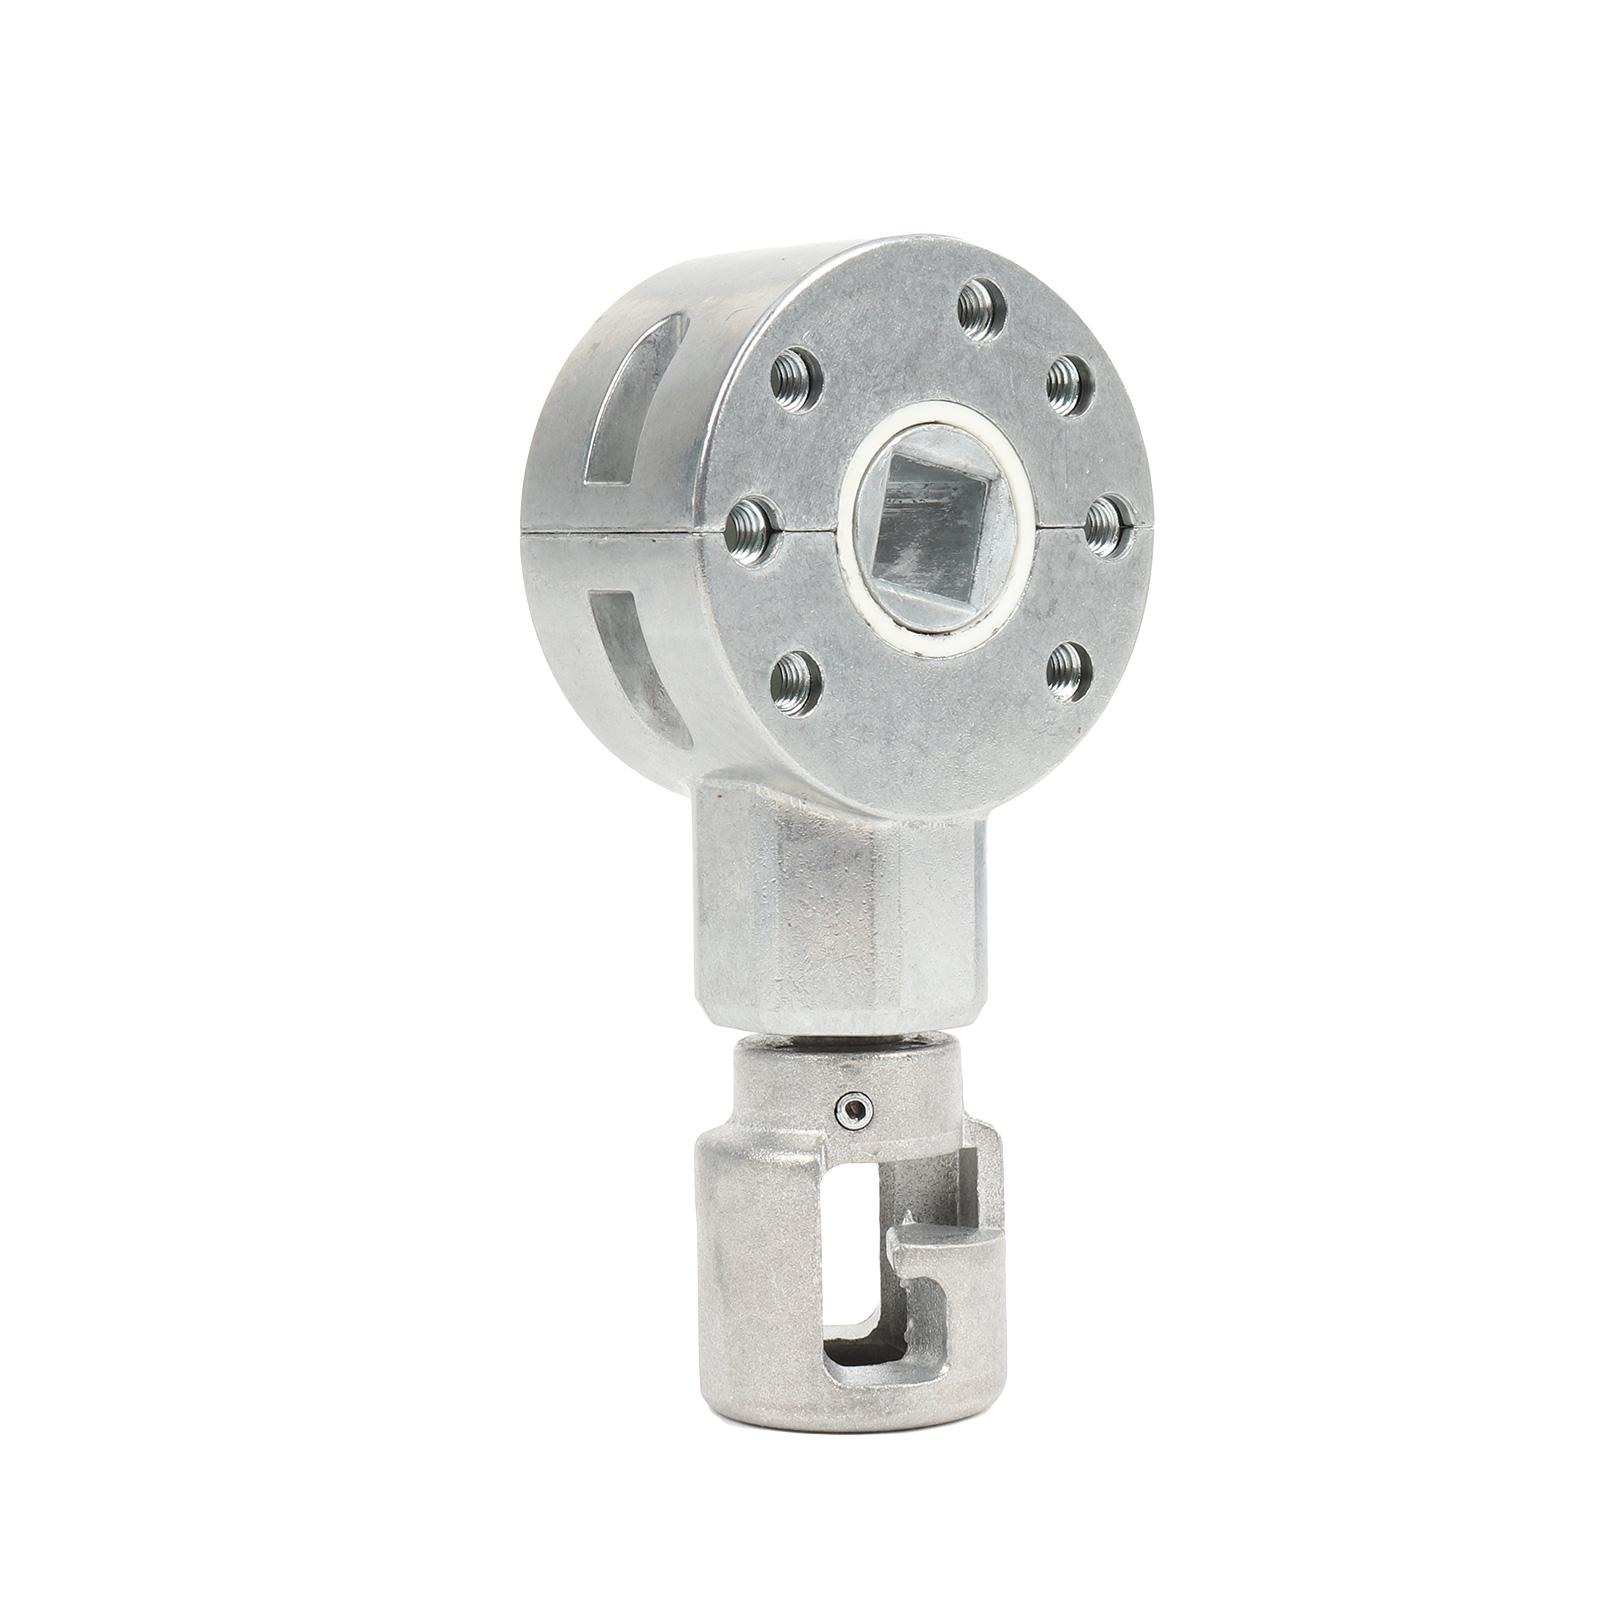 Thule® Kurbelgetriebe | Omnistor 5002 5003 | Markise Zubehör Oe - Ersatzteil